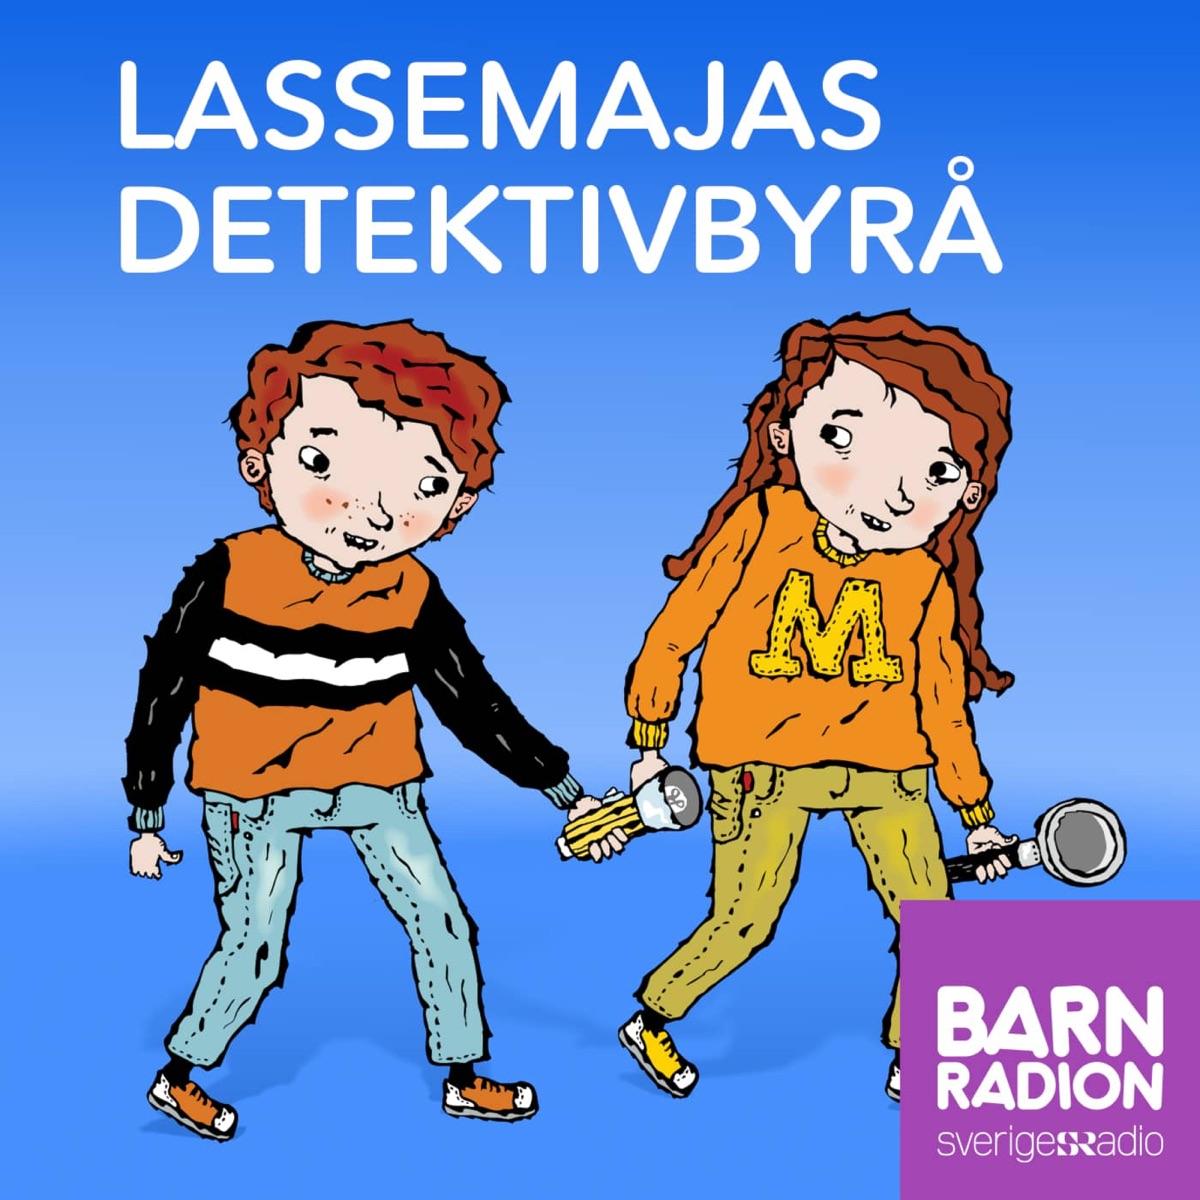 LasseMaja i Barnradion